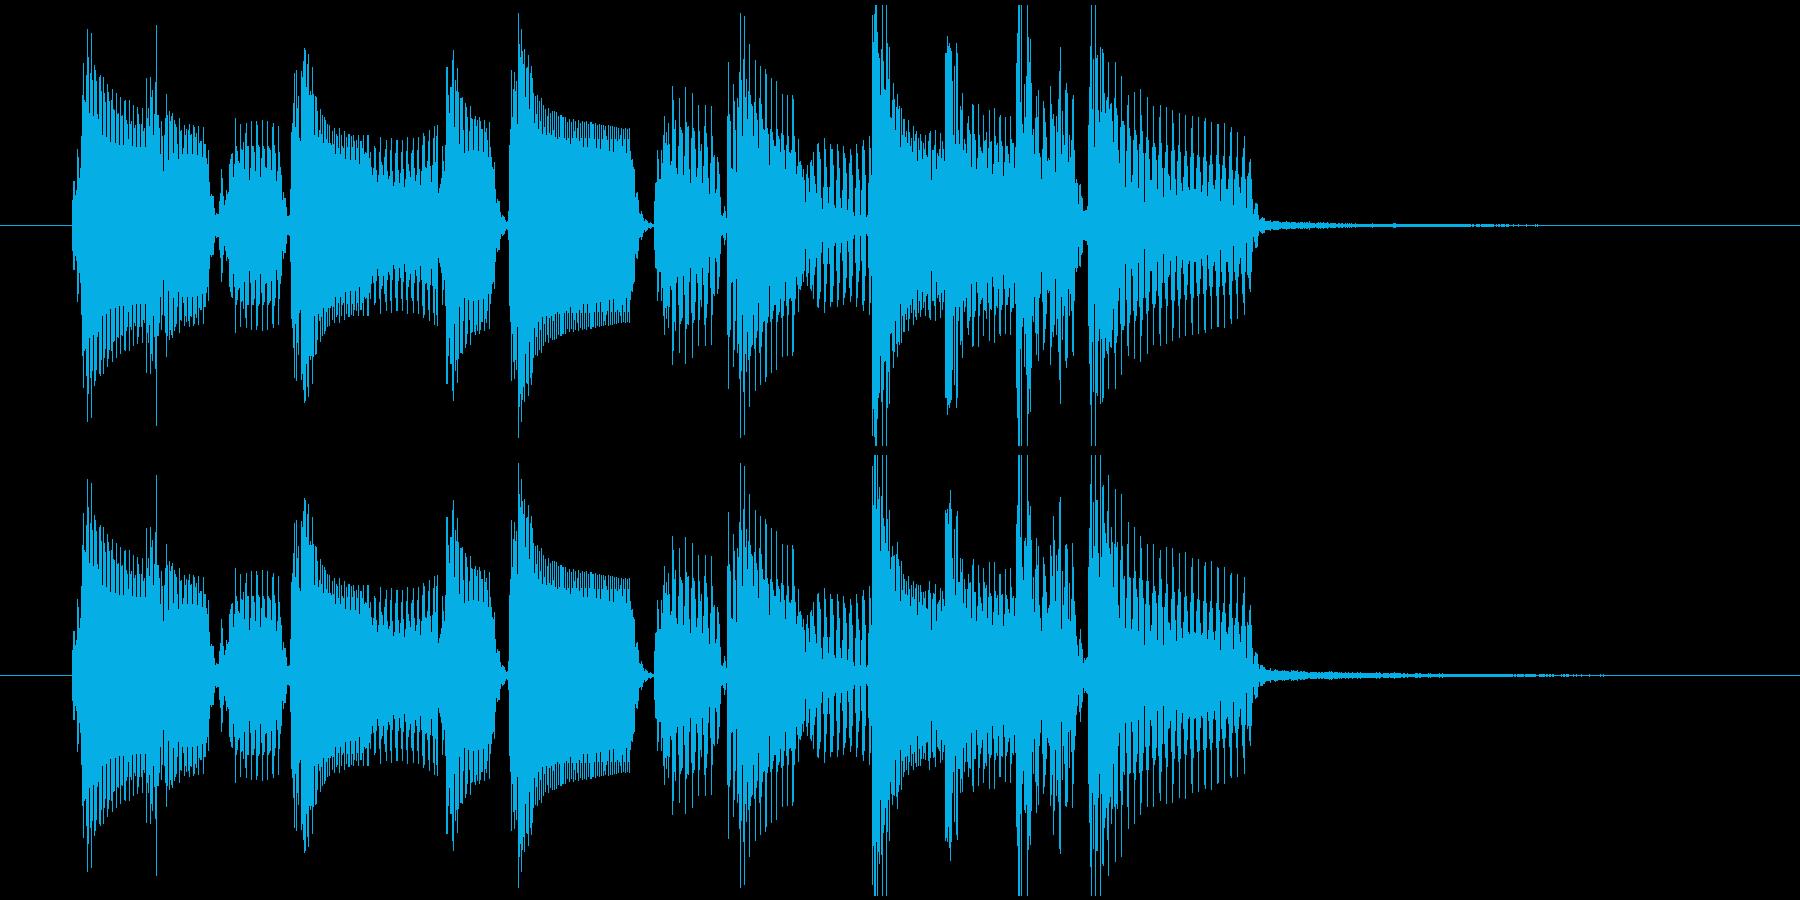 ロックベースとドラムのワイルドなジングルの再生済みの波形